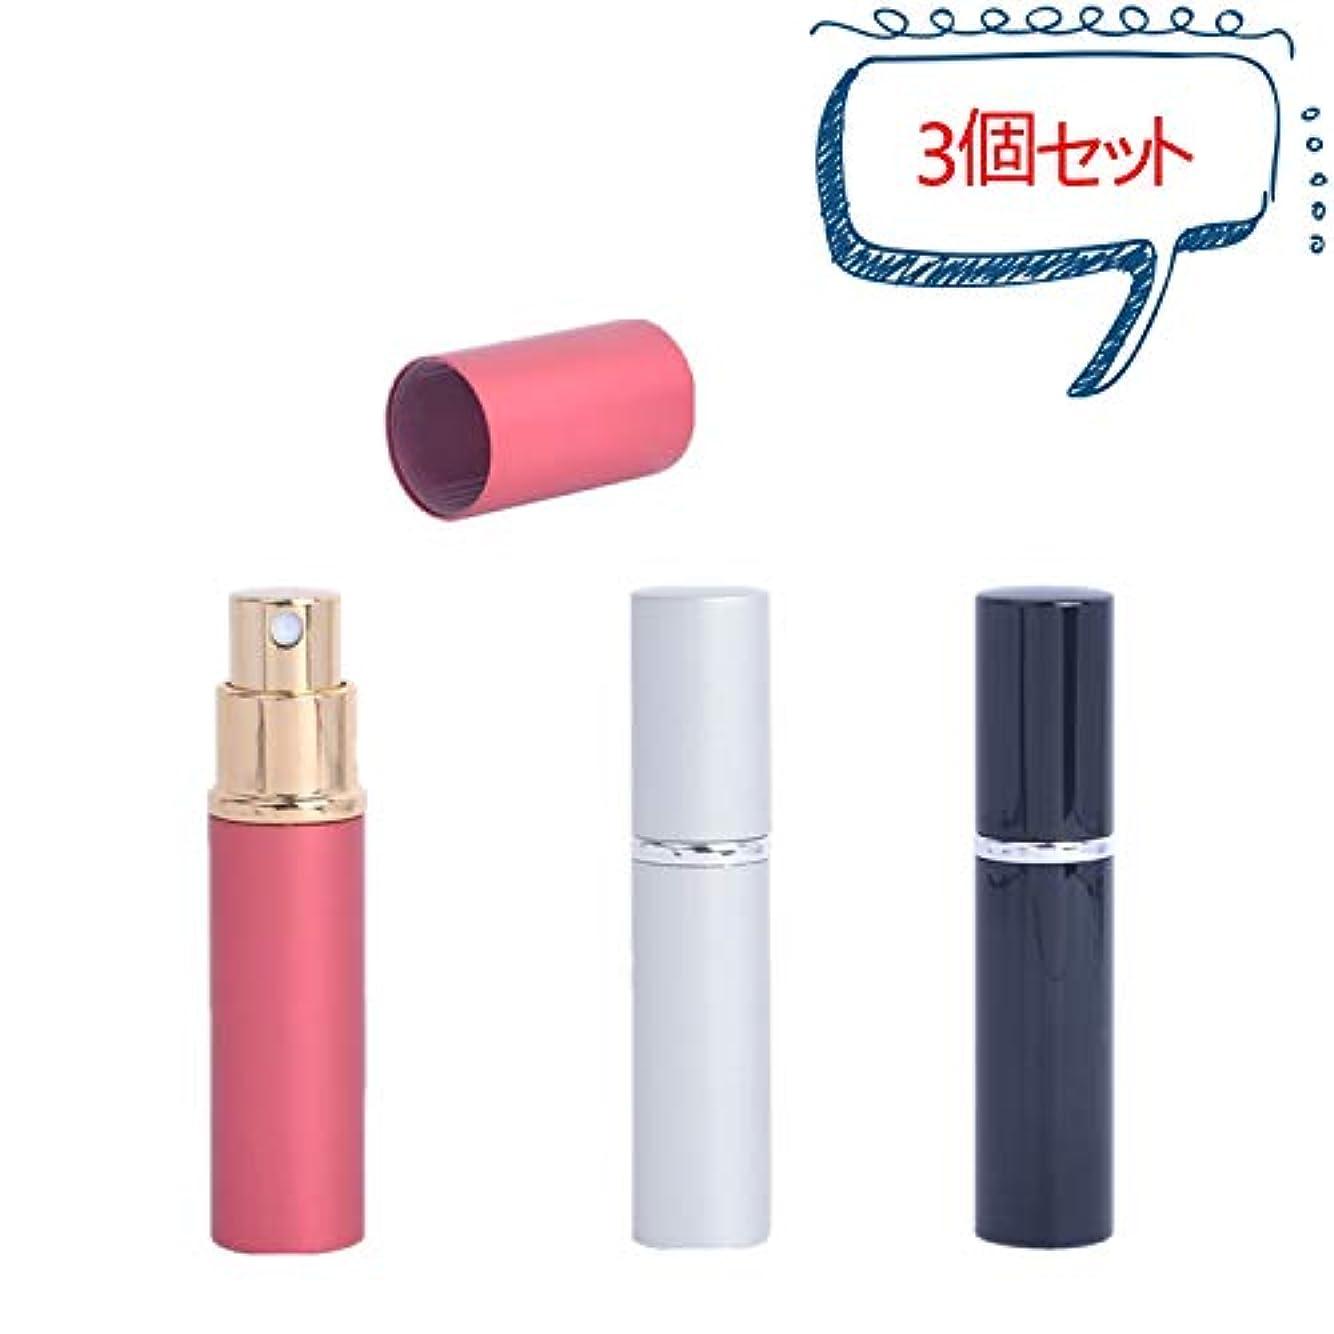 パイル疑問を超えてクラス[Hordlend] 3個セット アトマイザー 香水ボトル 香水噴霧器 詰め替え容器 旅行携帯用 5ml 3色セットXSP-025